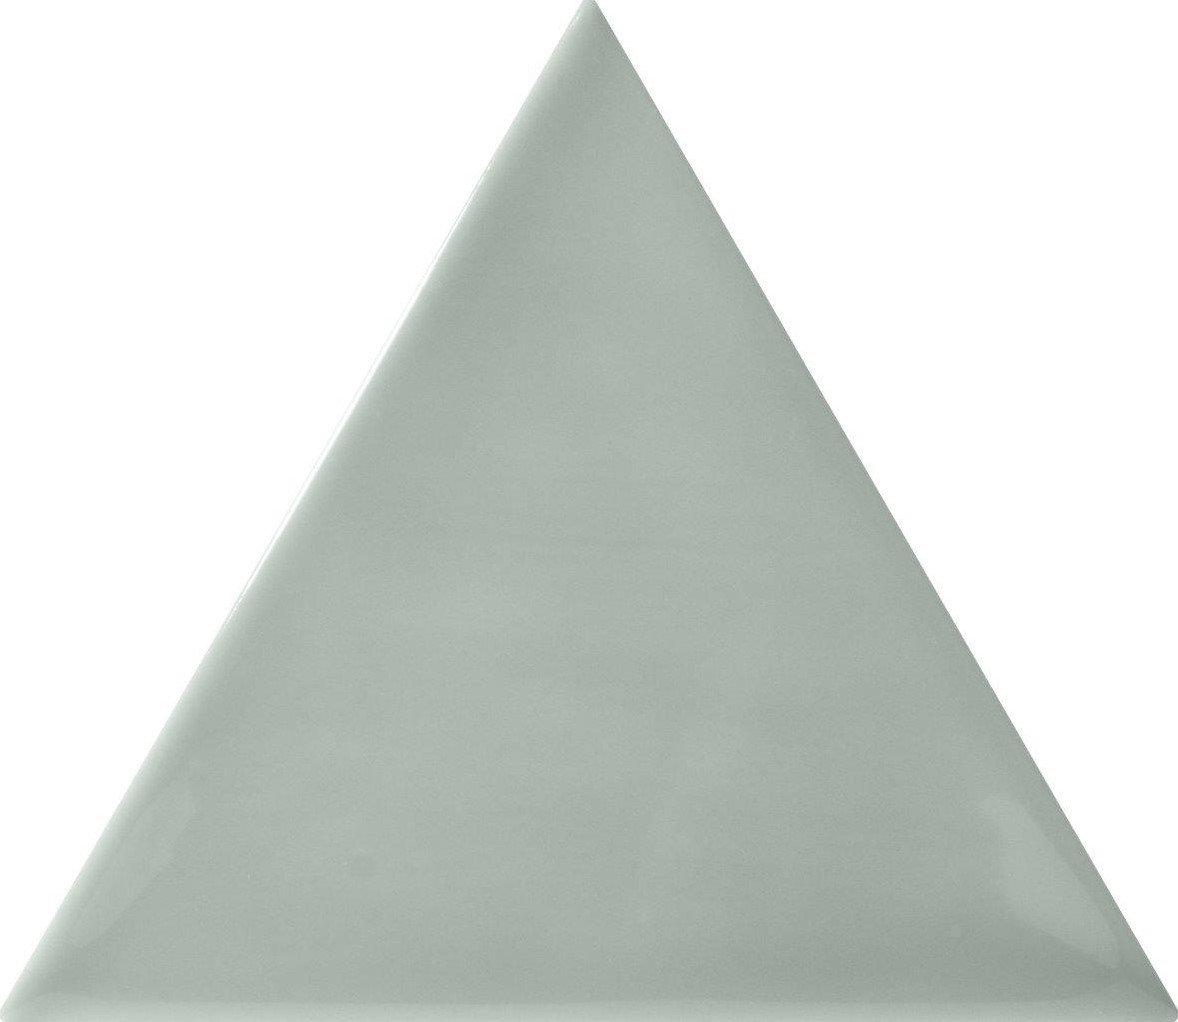 Quintessenza 3LATI driehoek tegel 13,2x11,4 Acquamarina Lucido